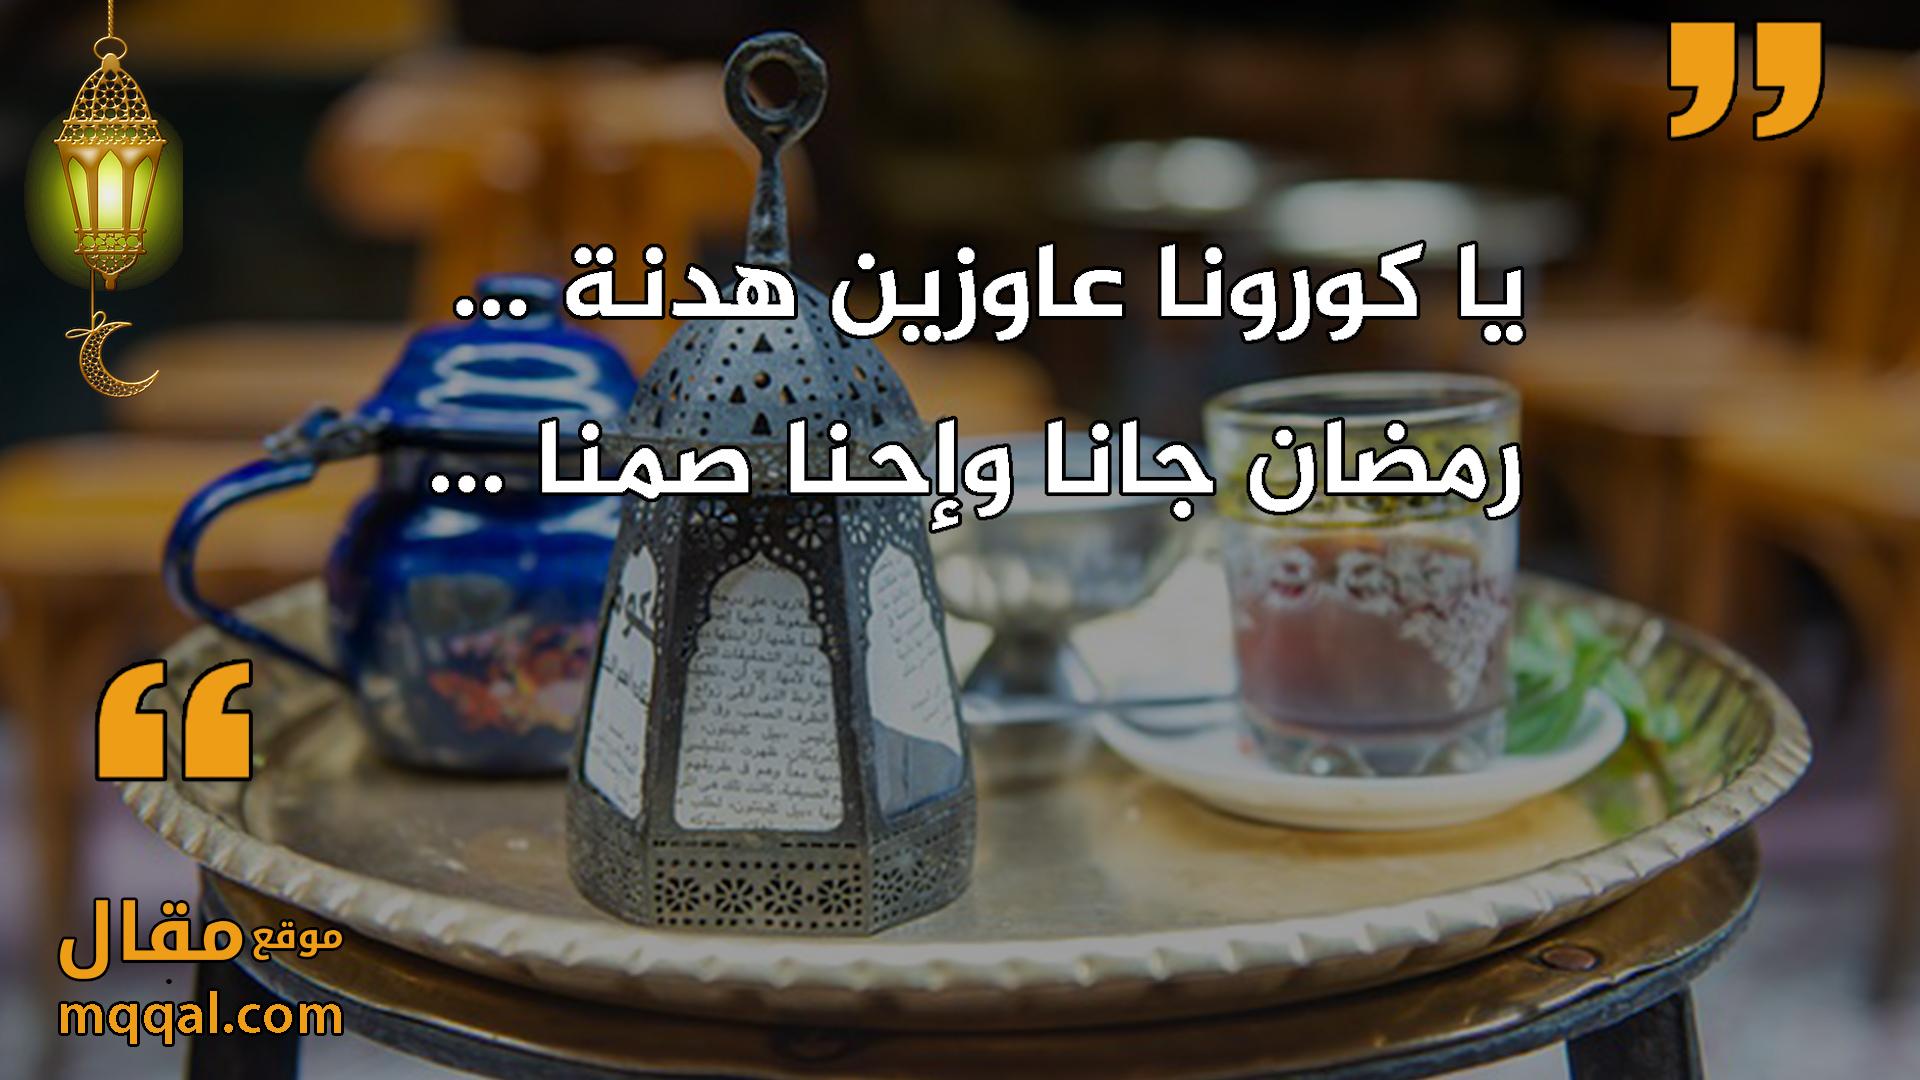 صور رمضان كريم من مصر بزمن كورونا - رمضان كريم مصر